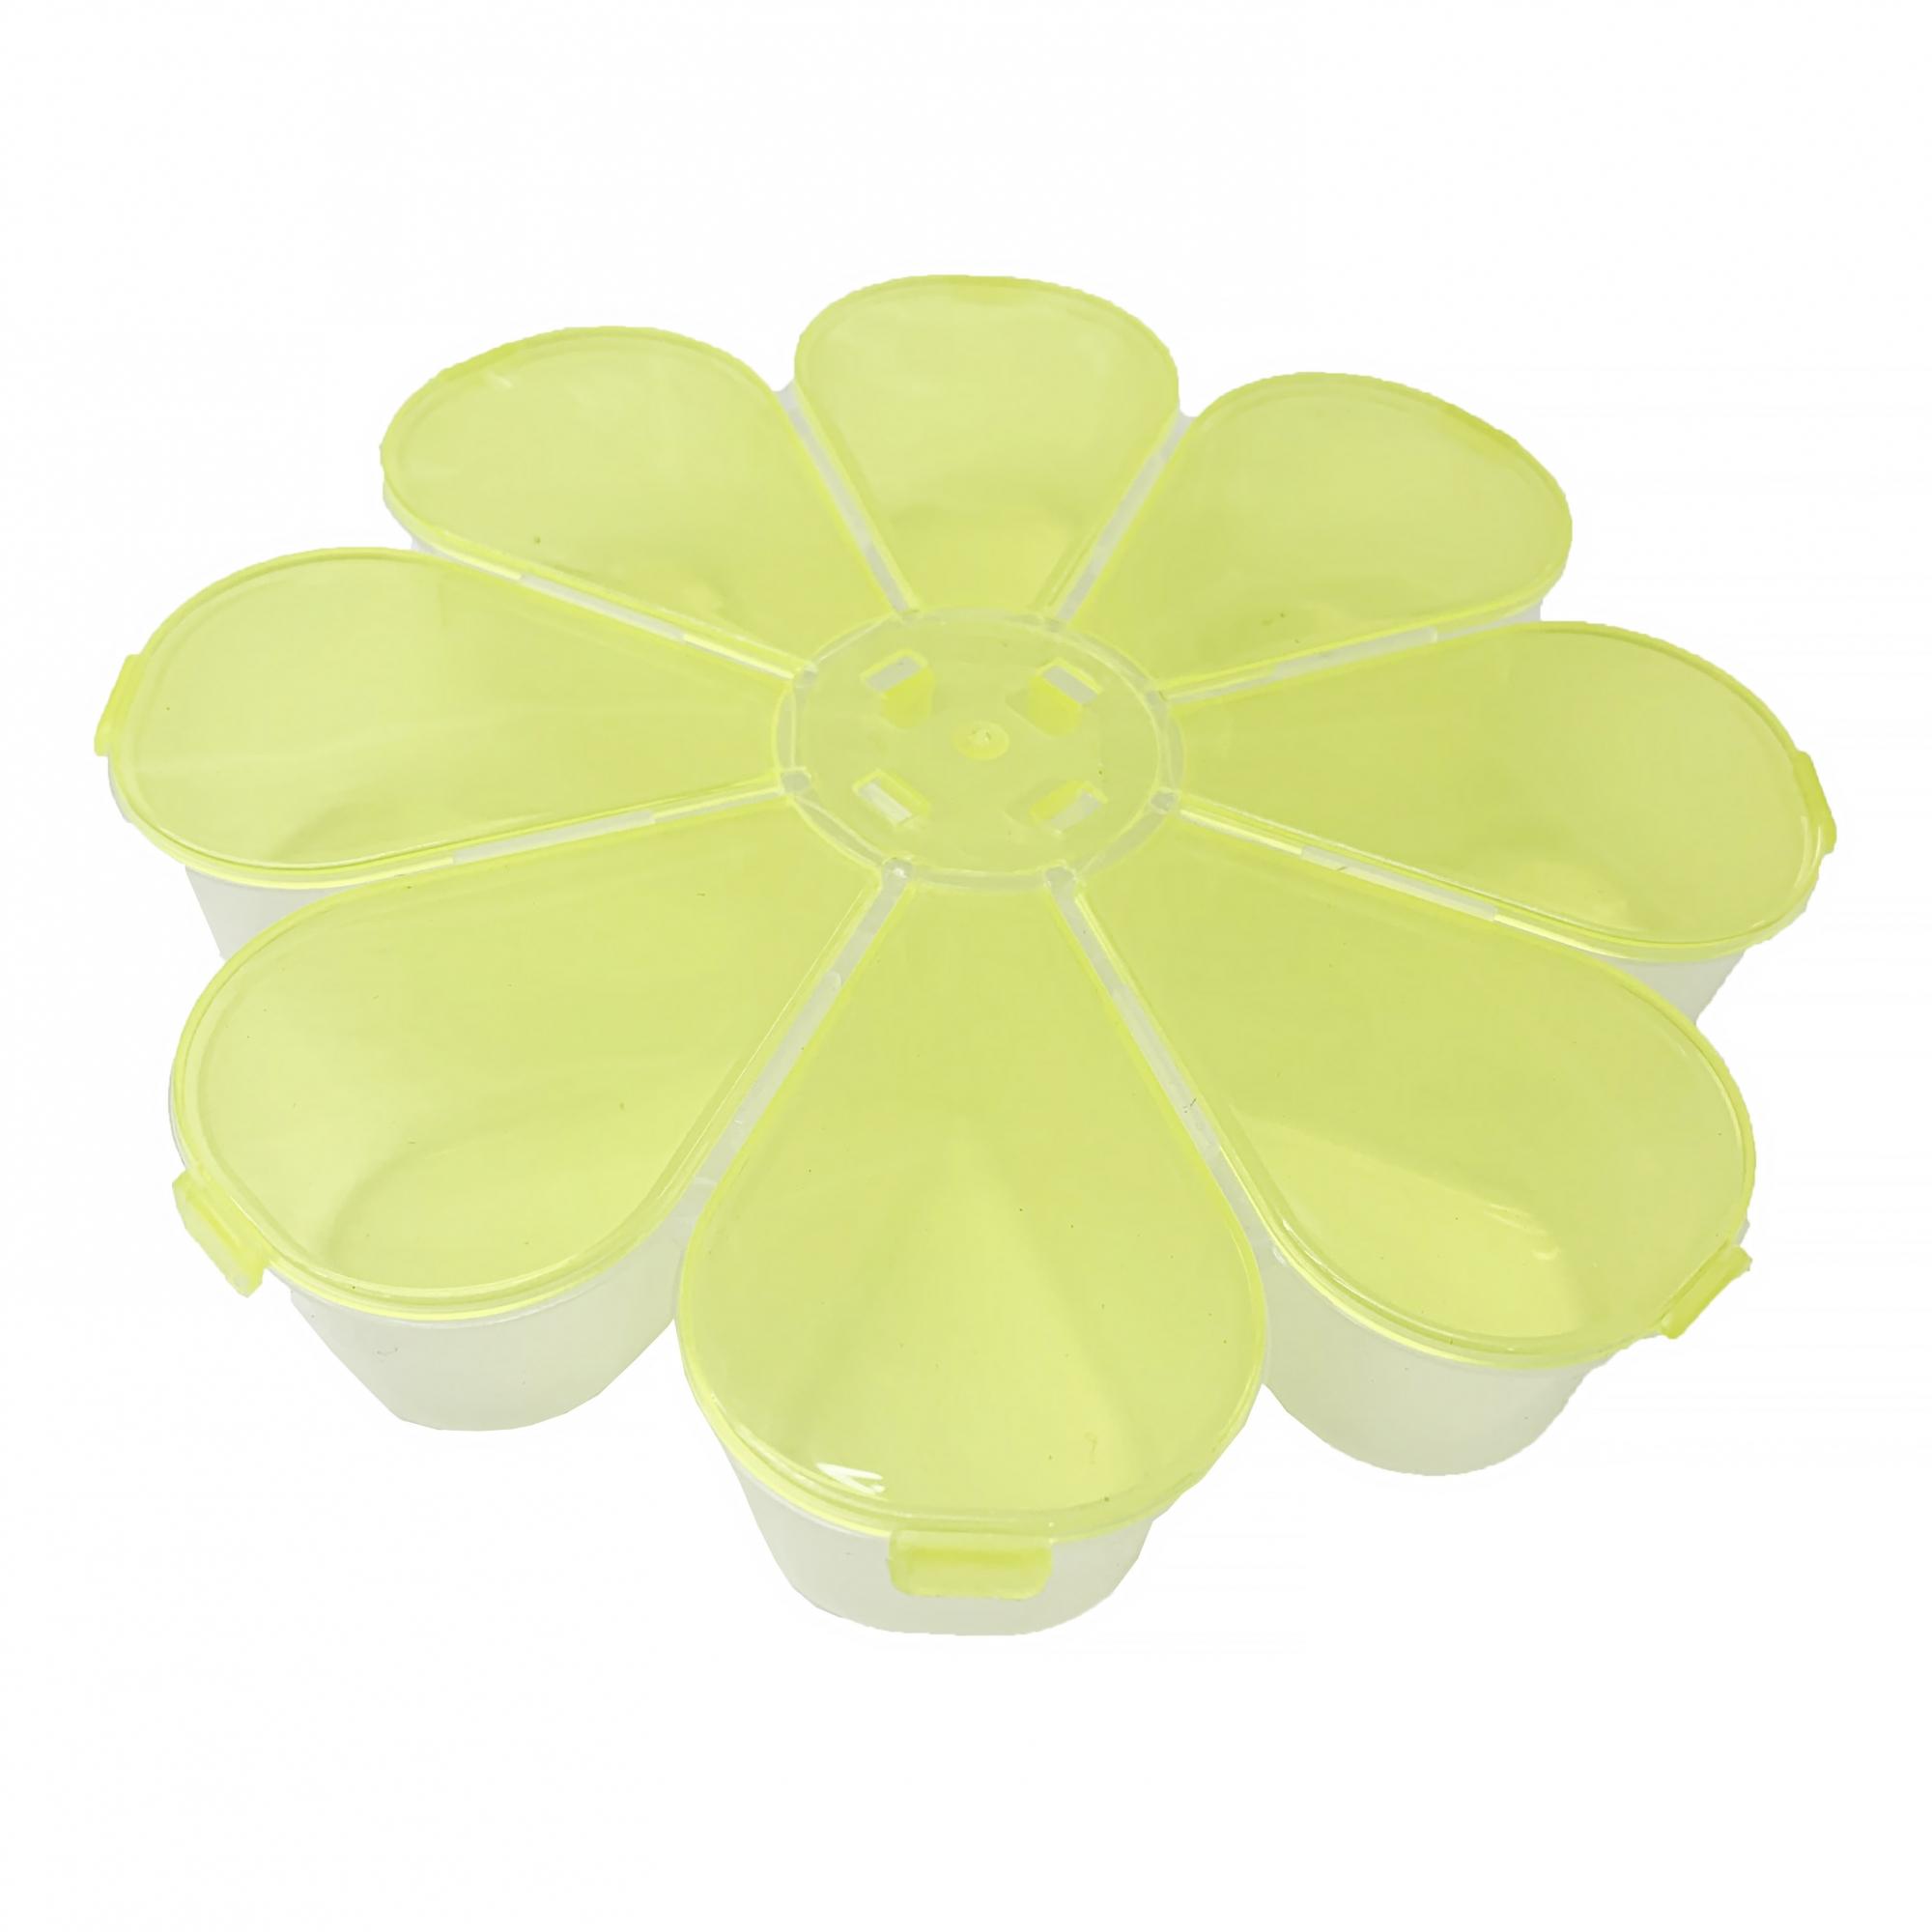 Caixa Organizadora Flor - Amarela Transparente  - Universo Religioso® - Artigos de Umbanda e Candomblé